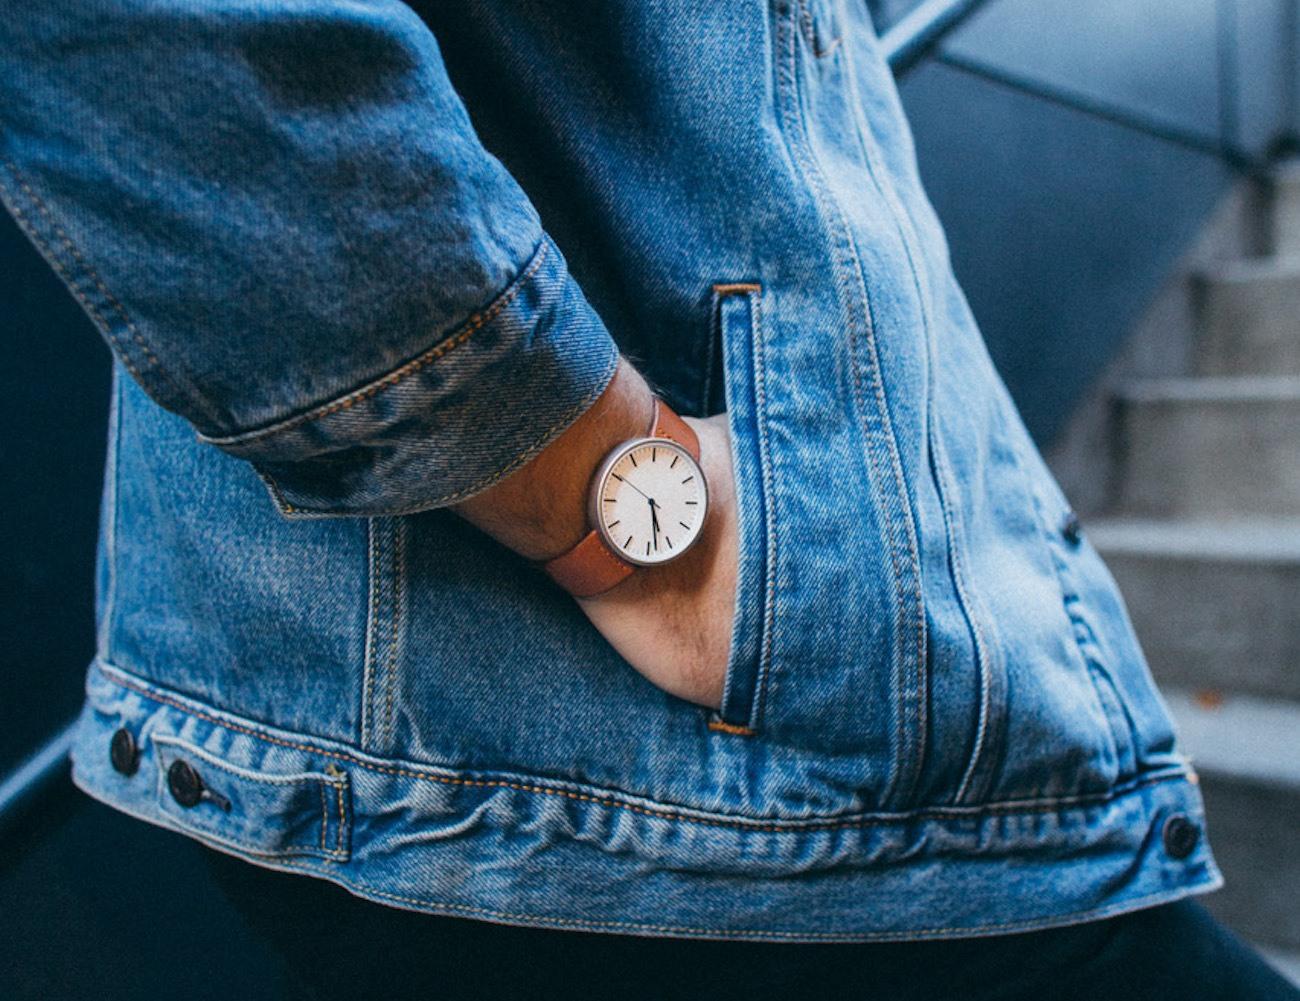 ITEM #001 Wrist Watch